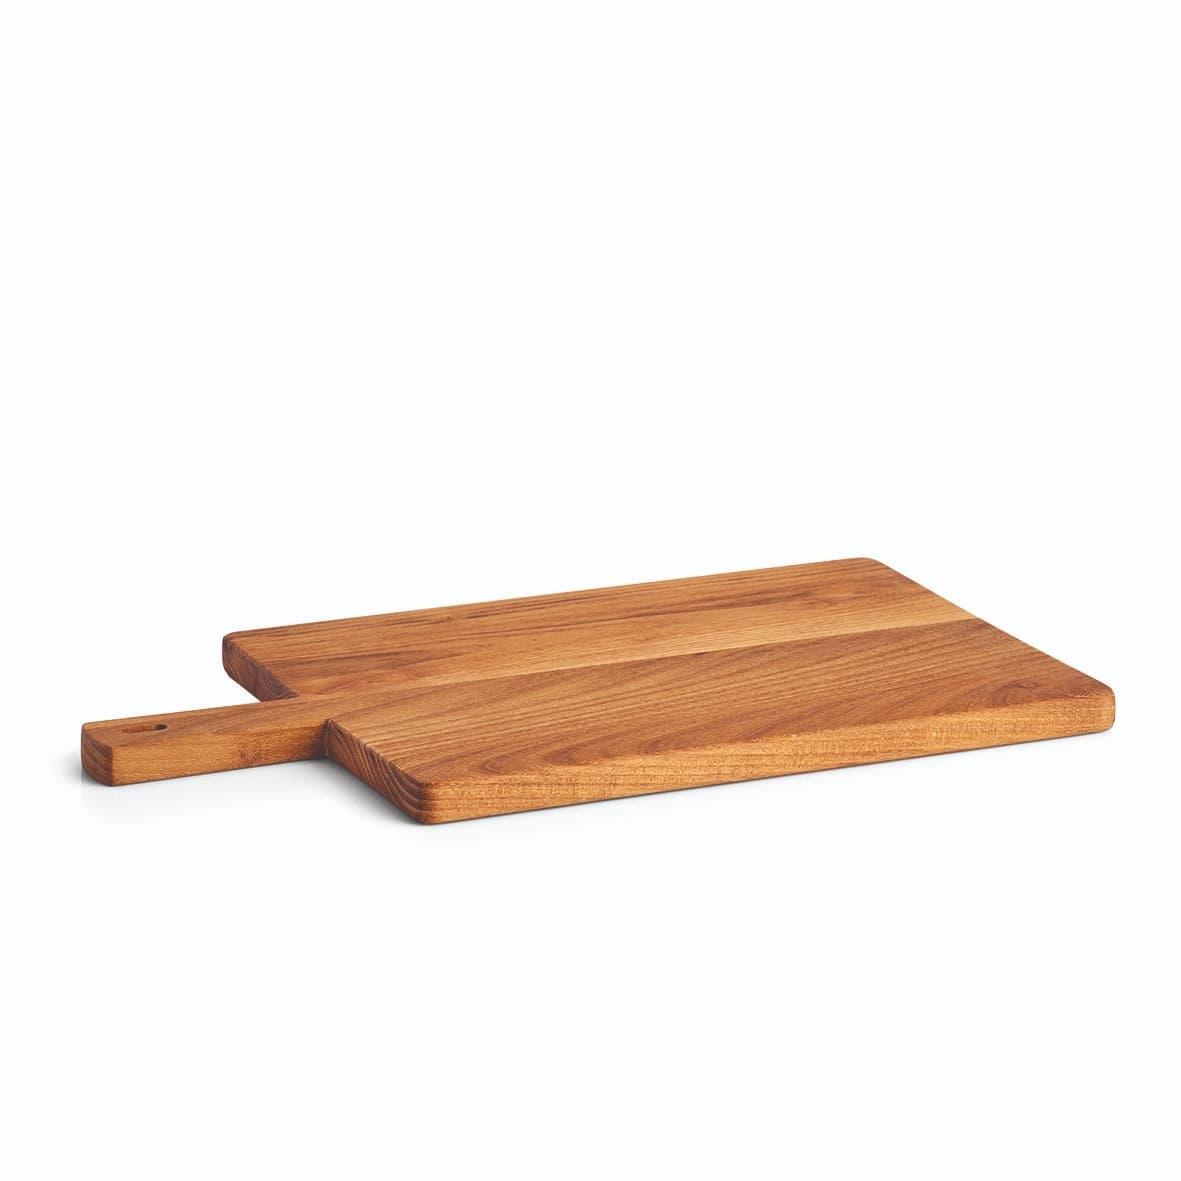 Tocator din lemn, Handle Large Natural, L43xl24xH1,8 cm imagine